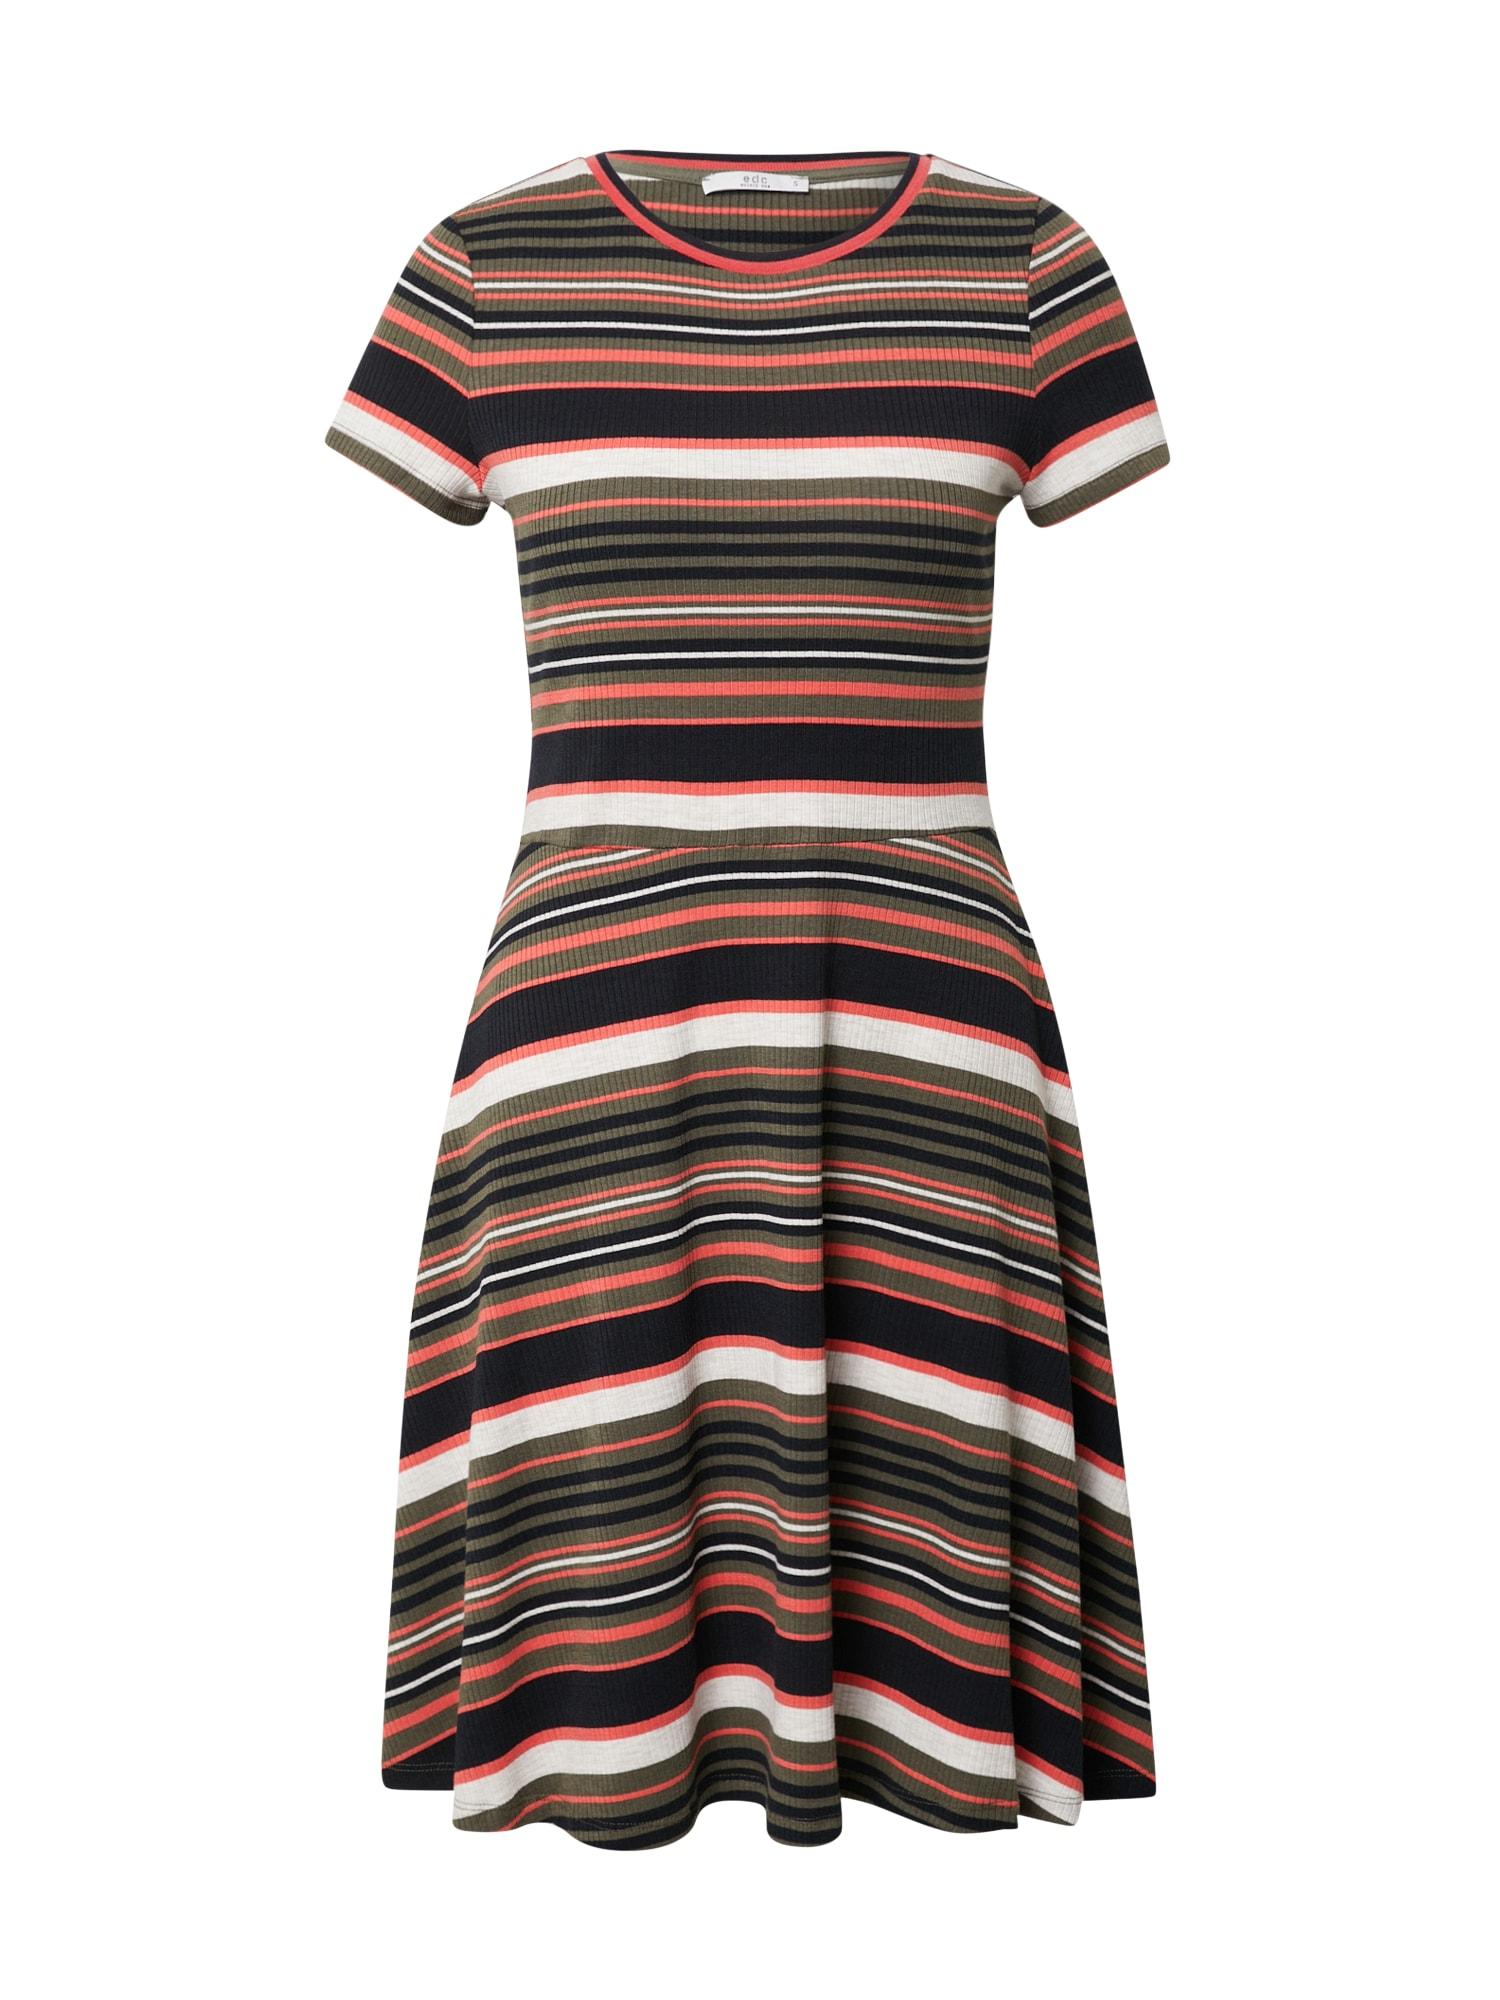 EDC BY ESPRIT Suknelė omarų spalva / rusvai žalia / juoda / balta